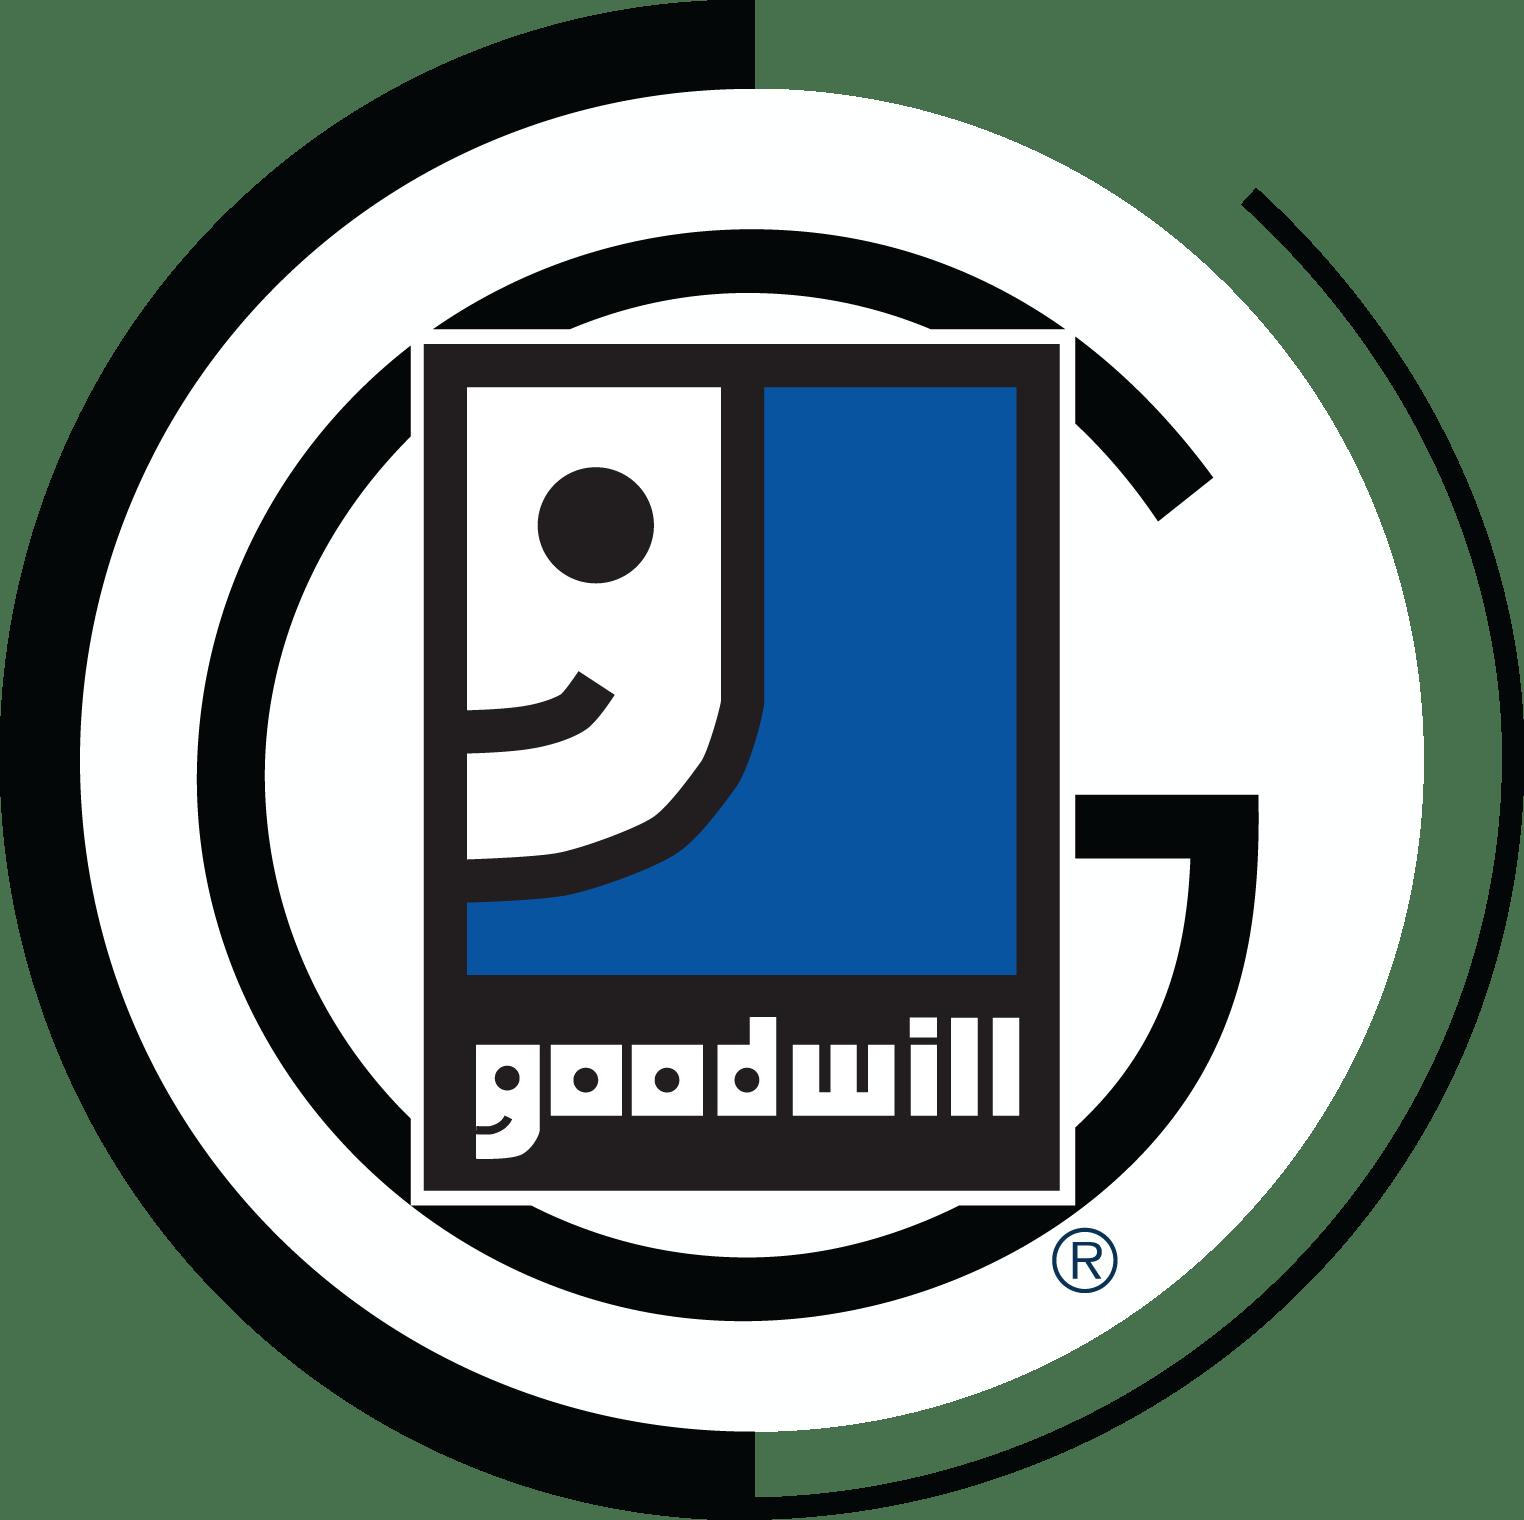 Circle Logo GW Blue Black PNG.